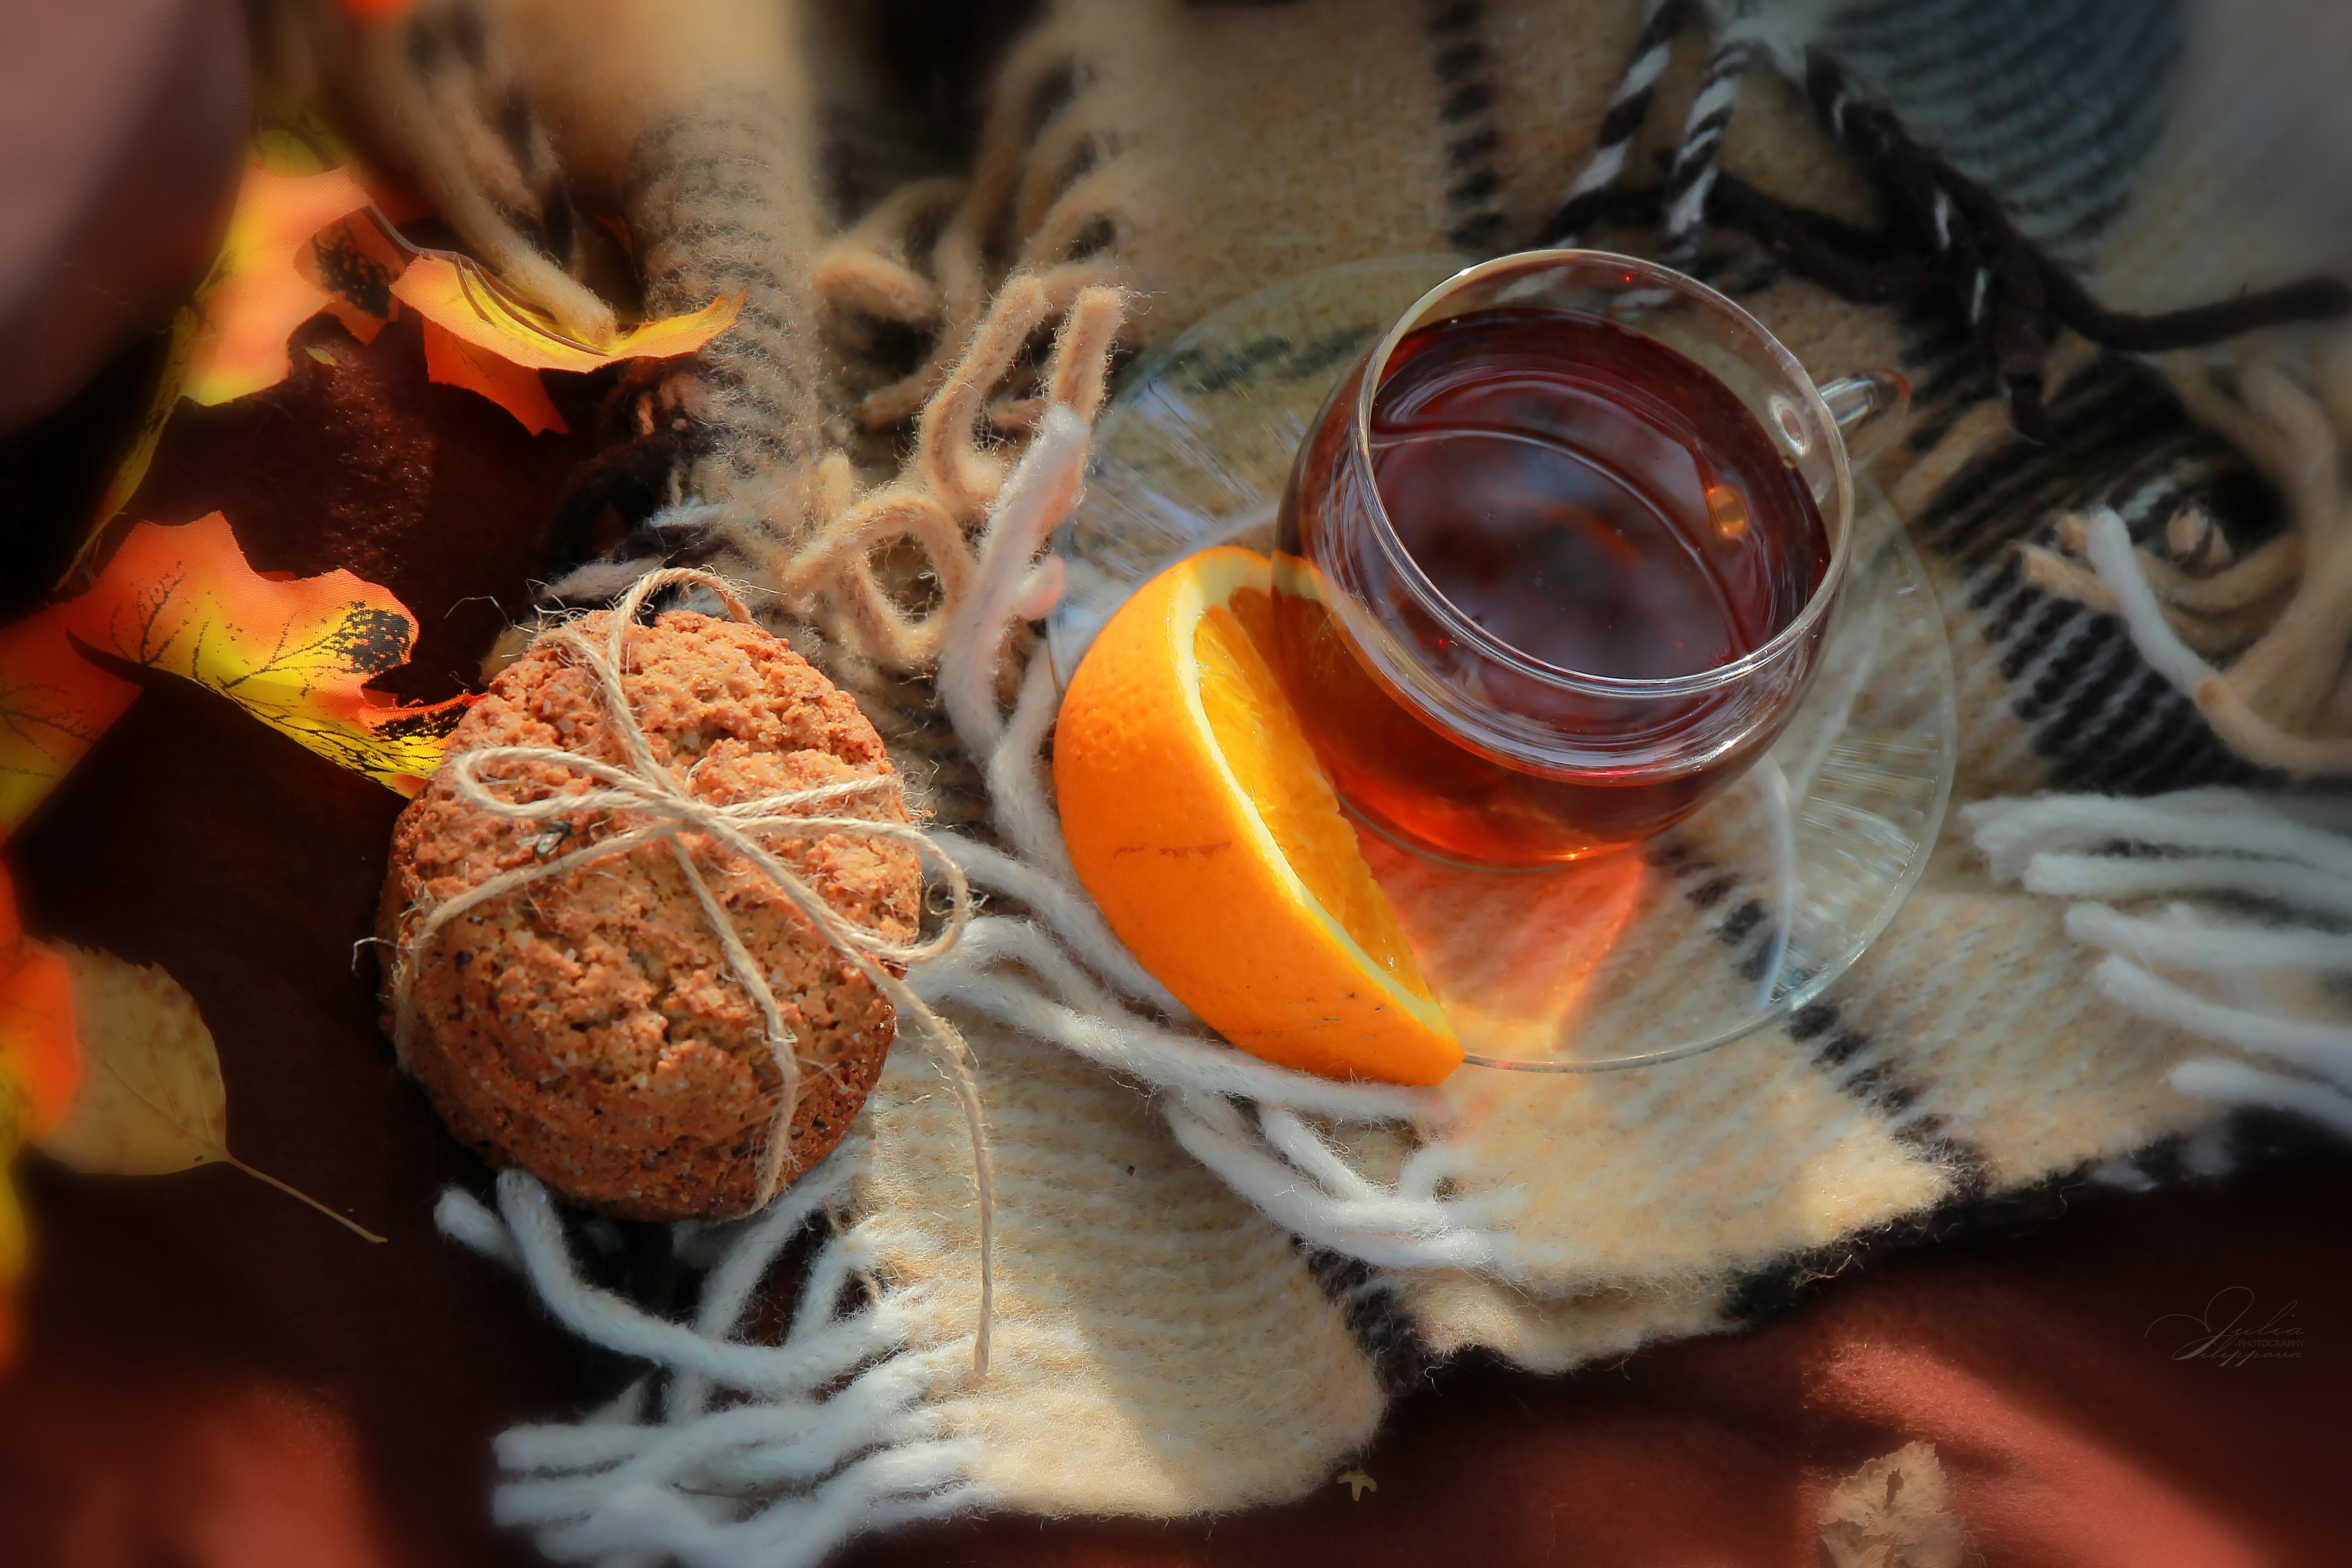 обои на рабочий стол тепло уют горячий чай № 246958 бесплатно